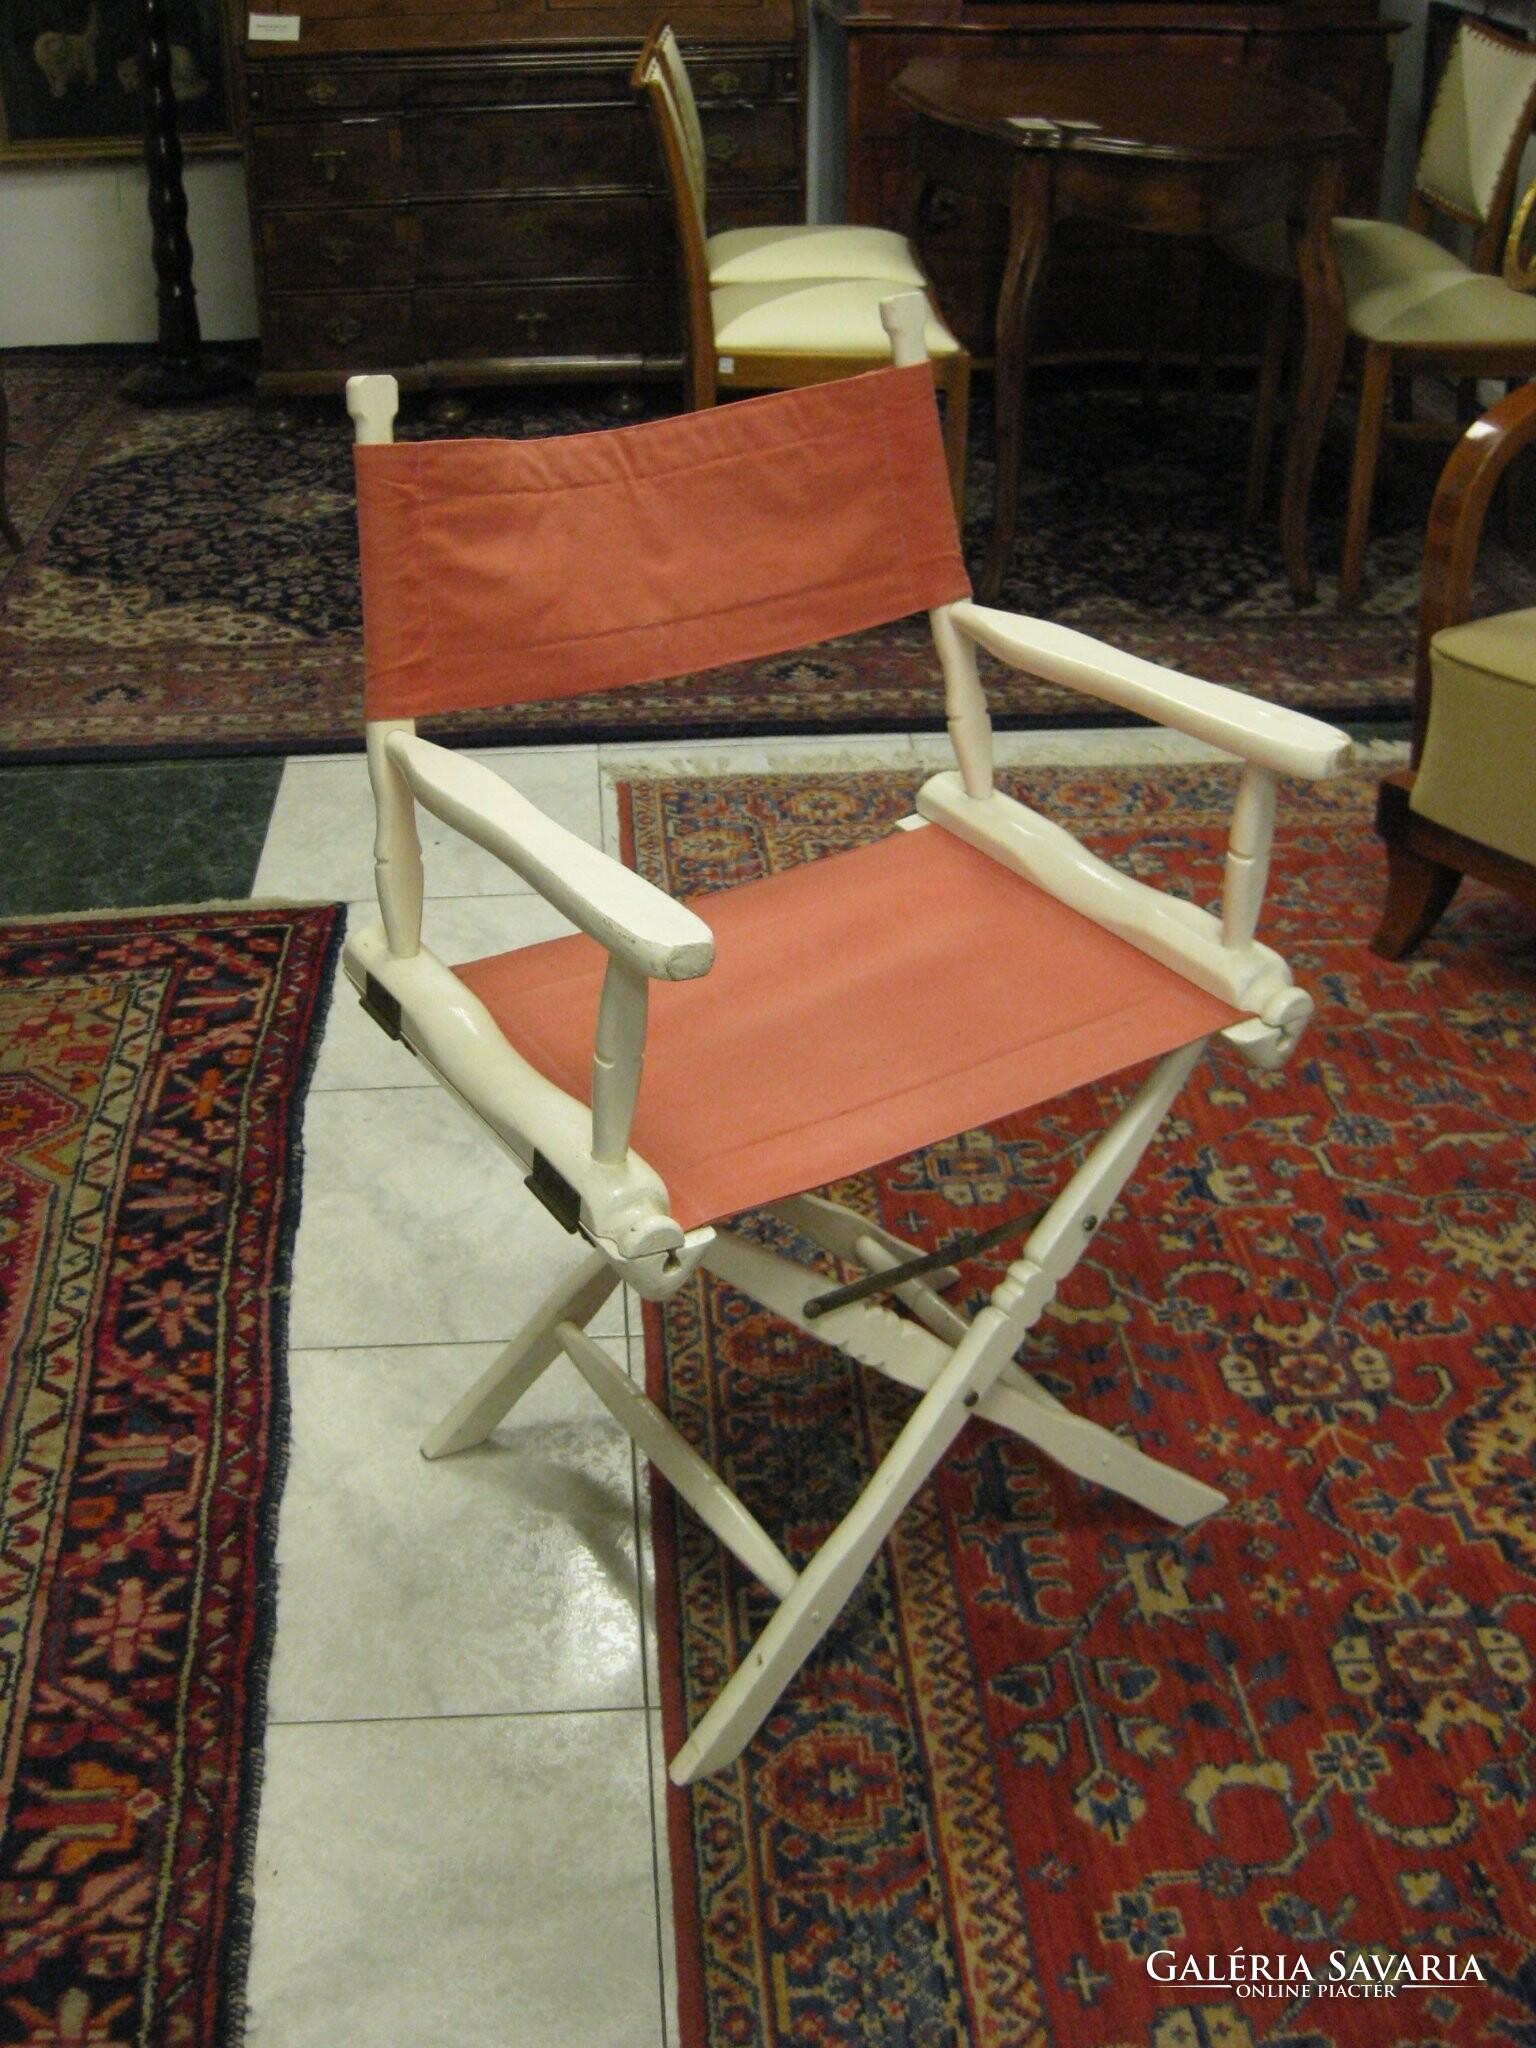 Rendezői szék Bútor | Galéria Savaria online piactér Antik